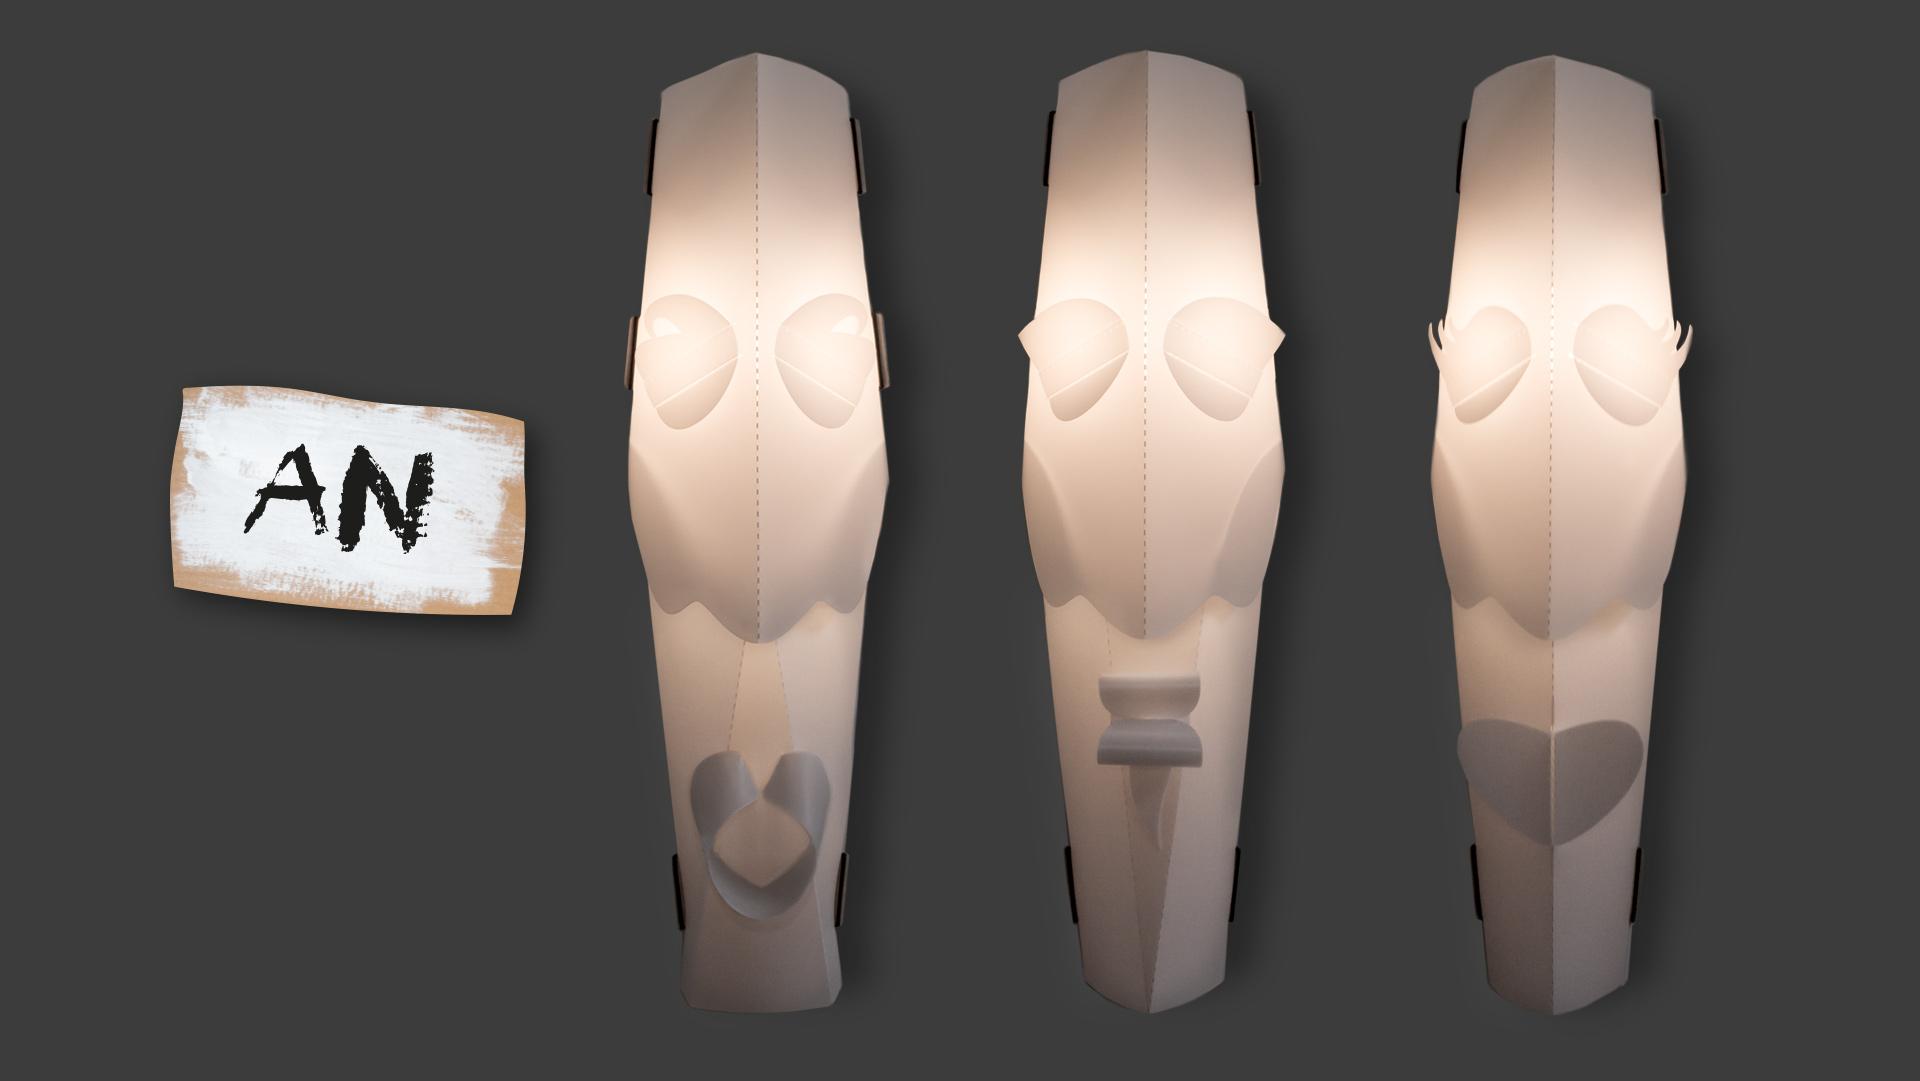 """Ethnolampen Masken der bei Werkhaus vertriebenen Lampenserie mit einem Pappschild, auf dem in Großbuchstaben das Wort """"An"""" steht"""